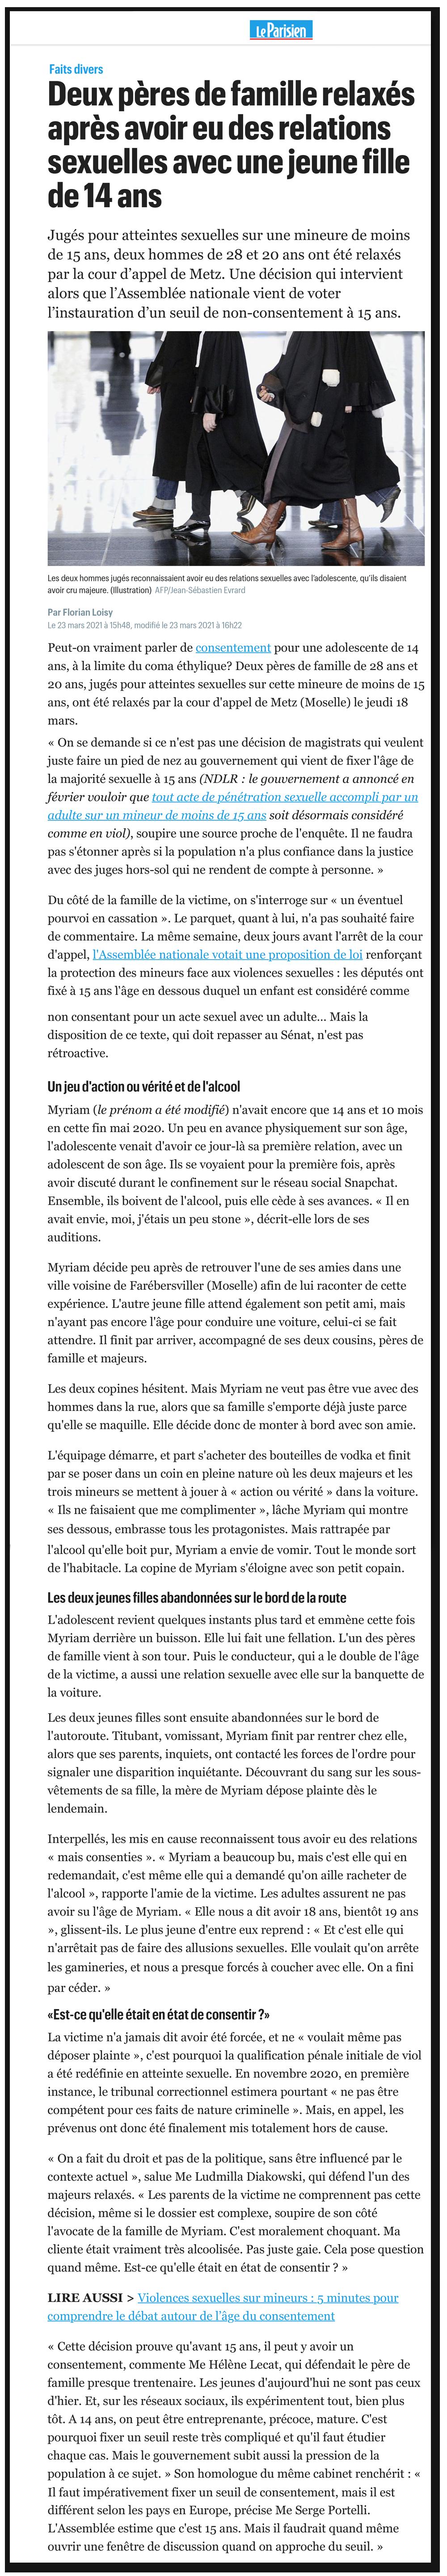 Le Parisien : Deux pères de famille relaxés